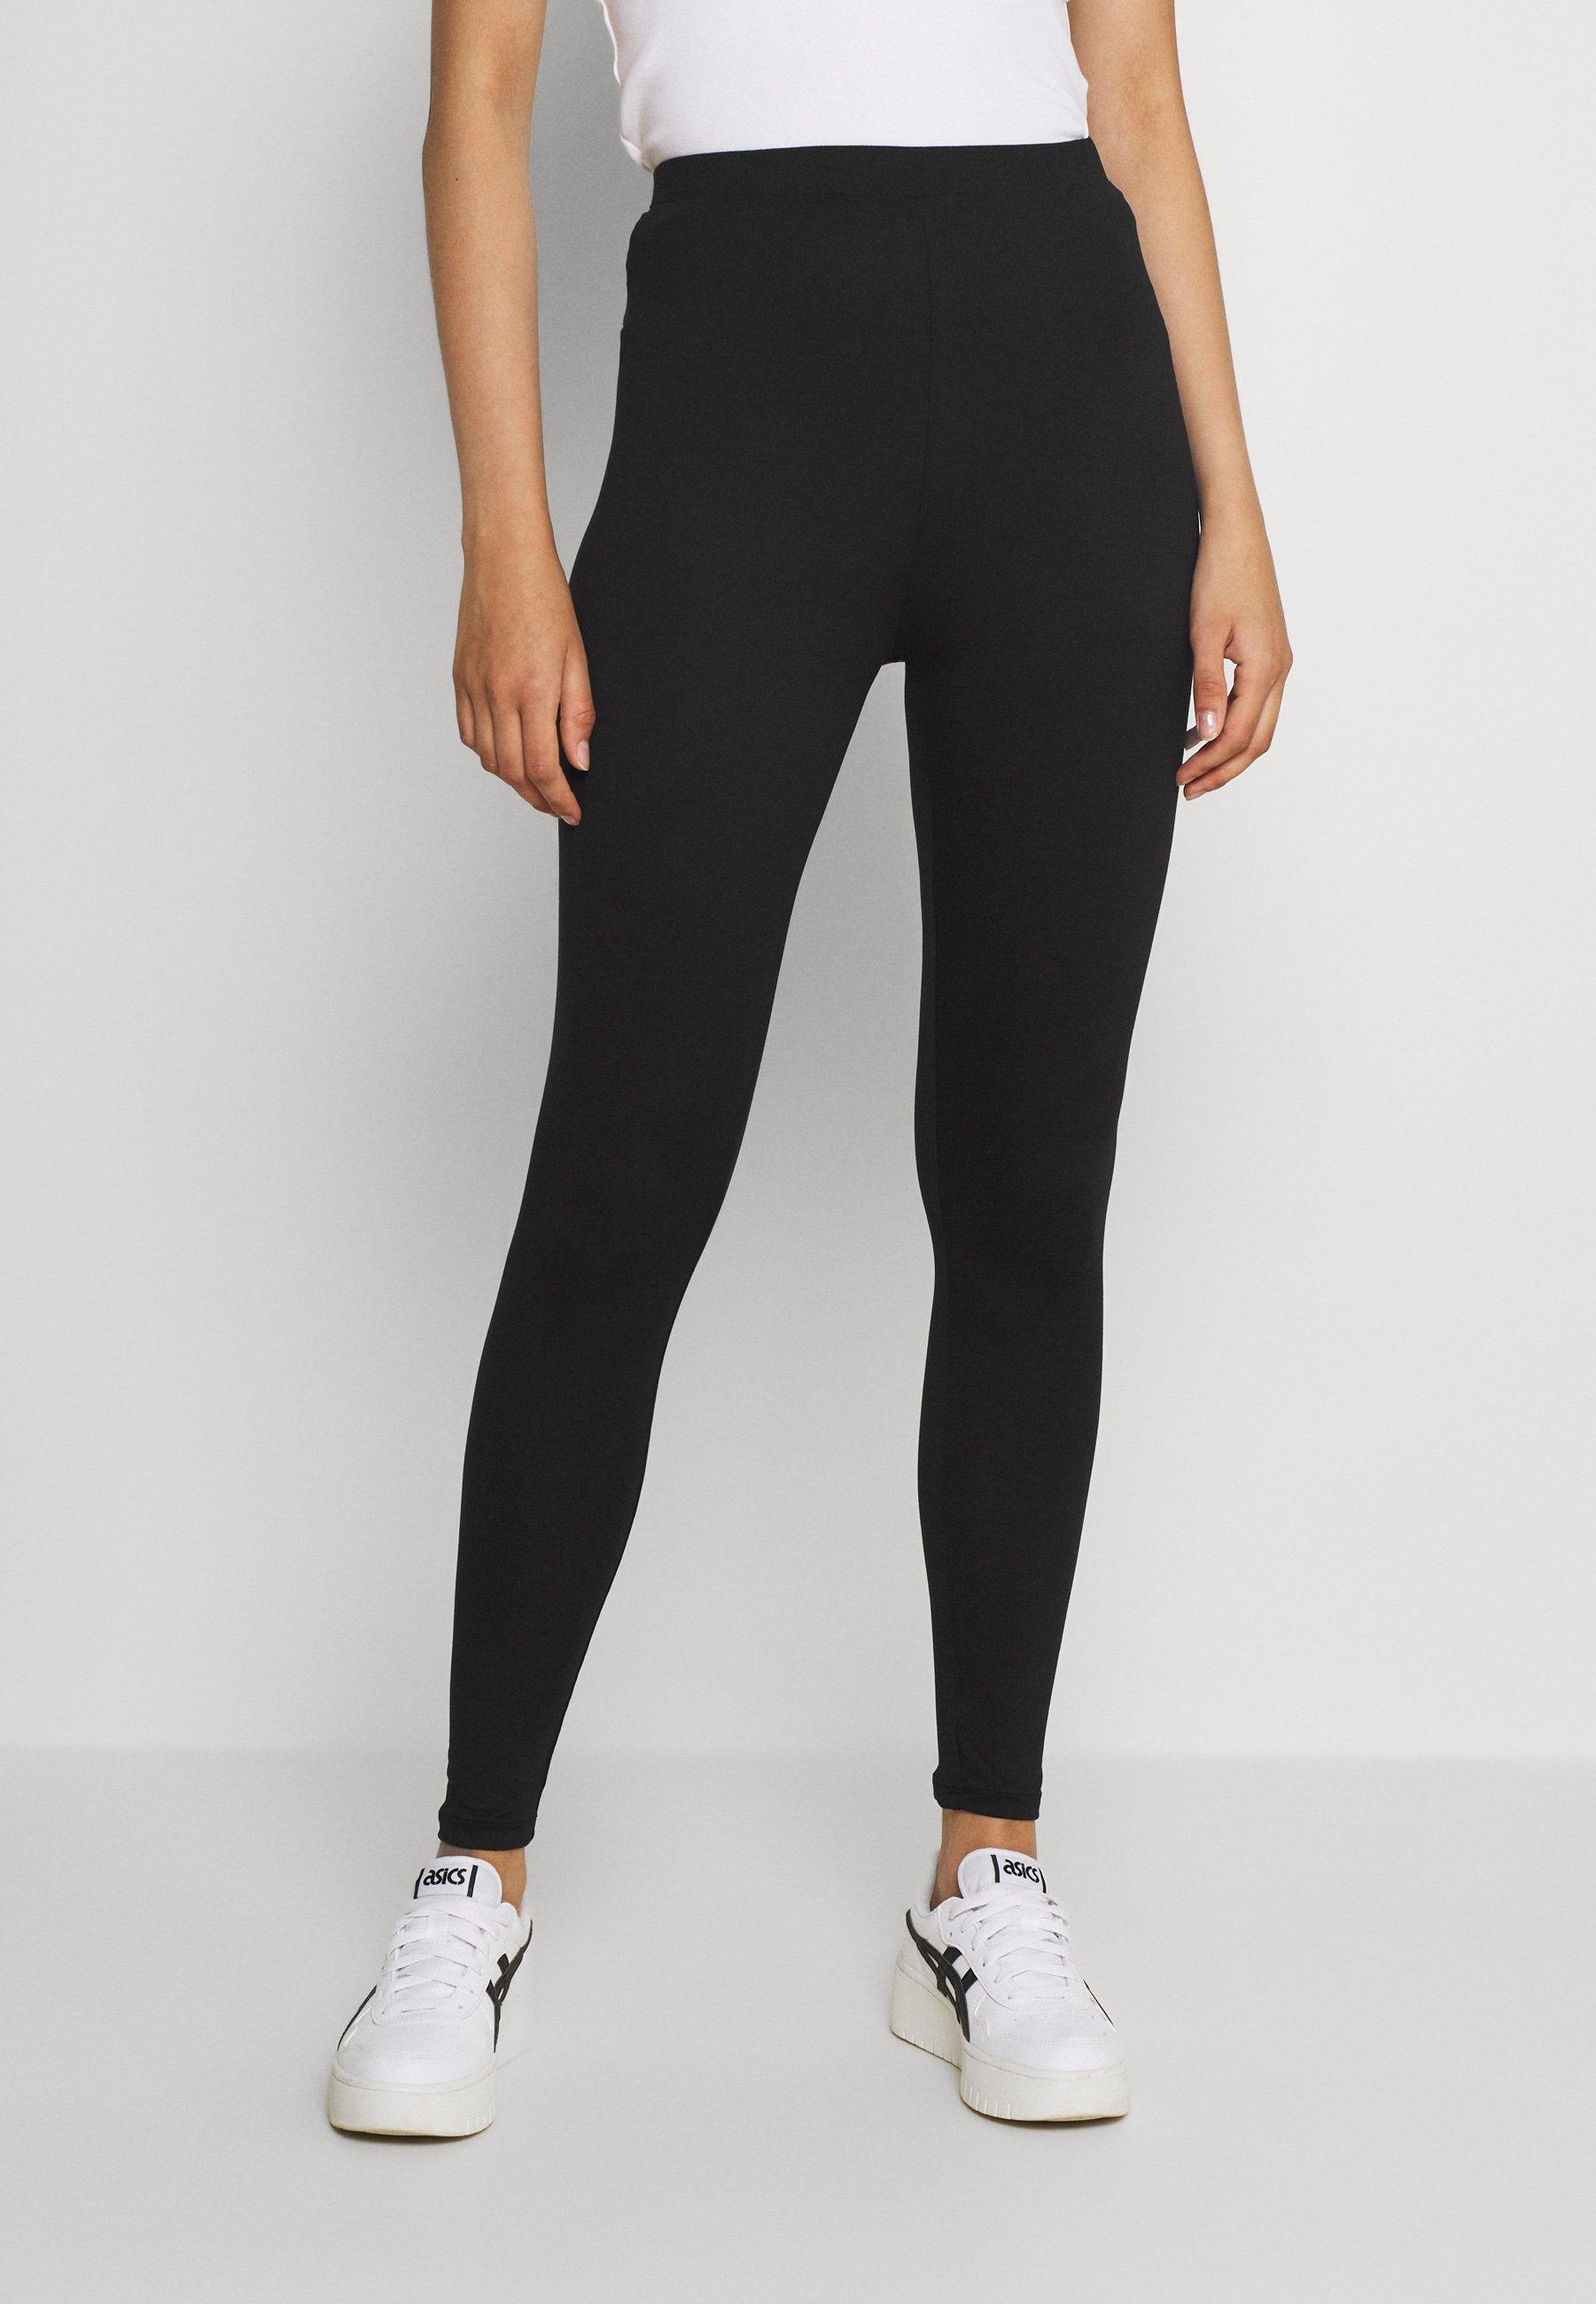 Damen VIBE - Leggings - Hosen